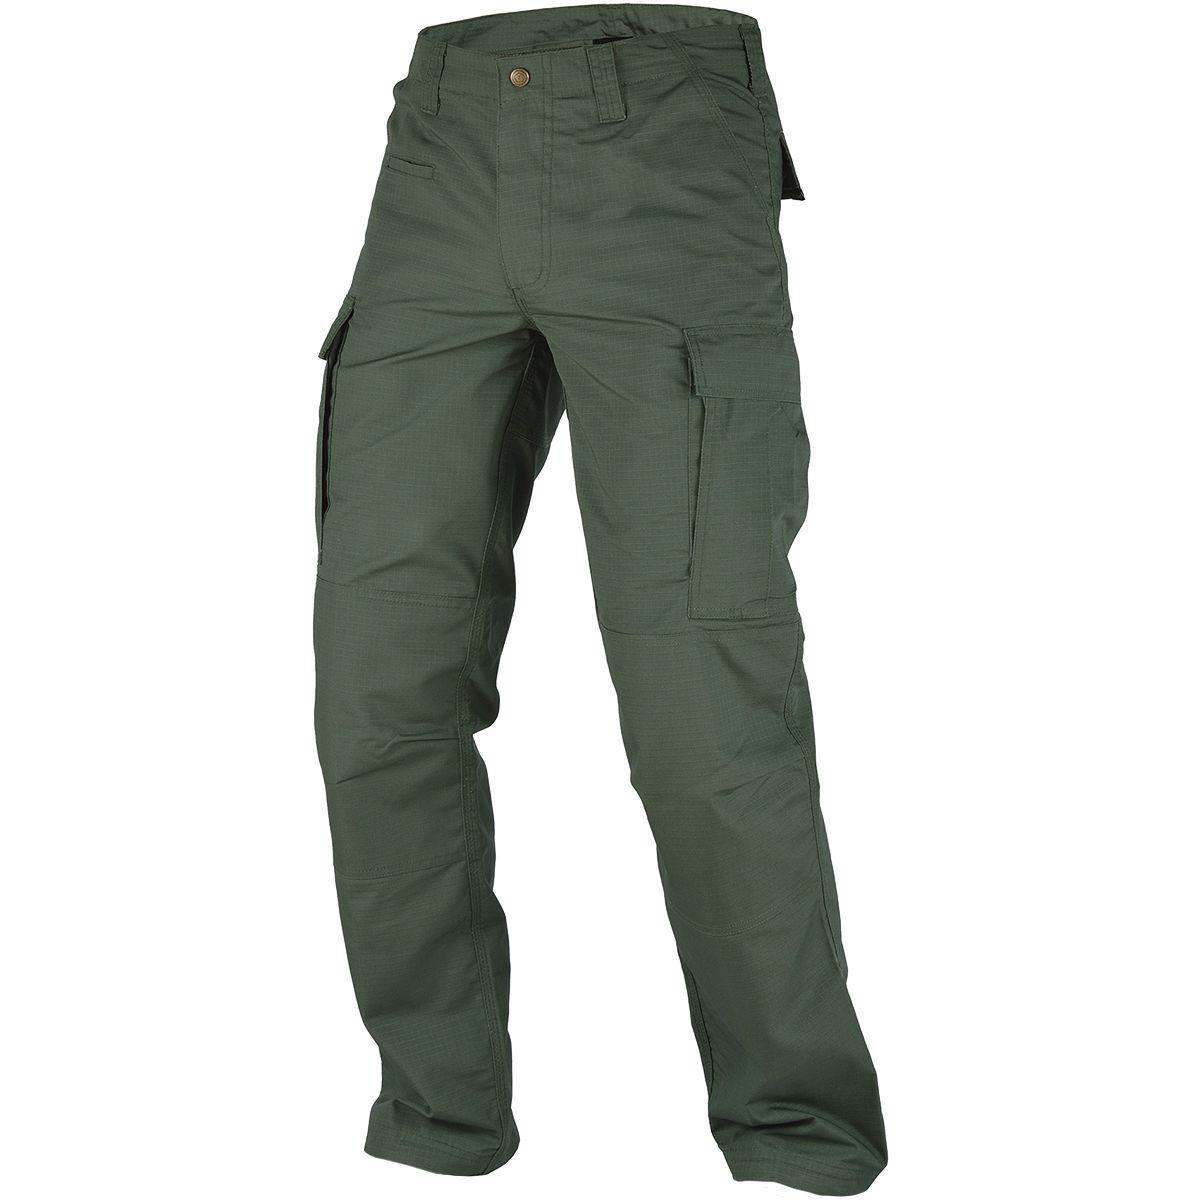 Herren Cargo Army Military Hose Bundeswehr Armee Militär Taschen dunkelgrau neu